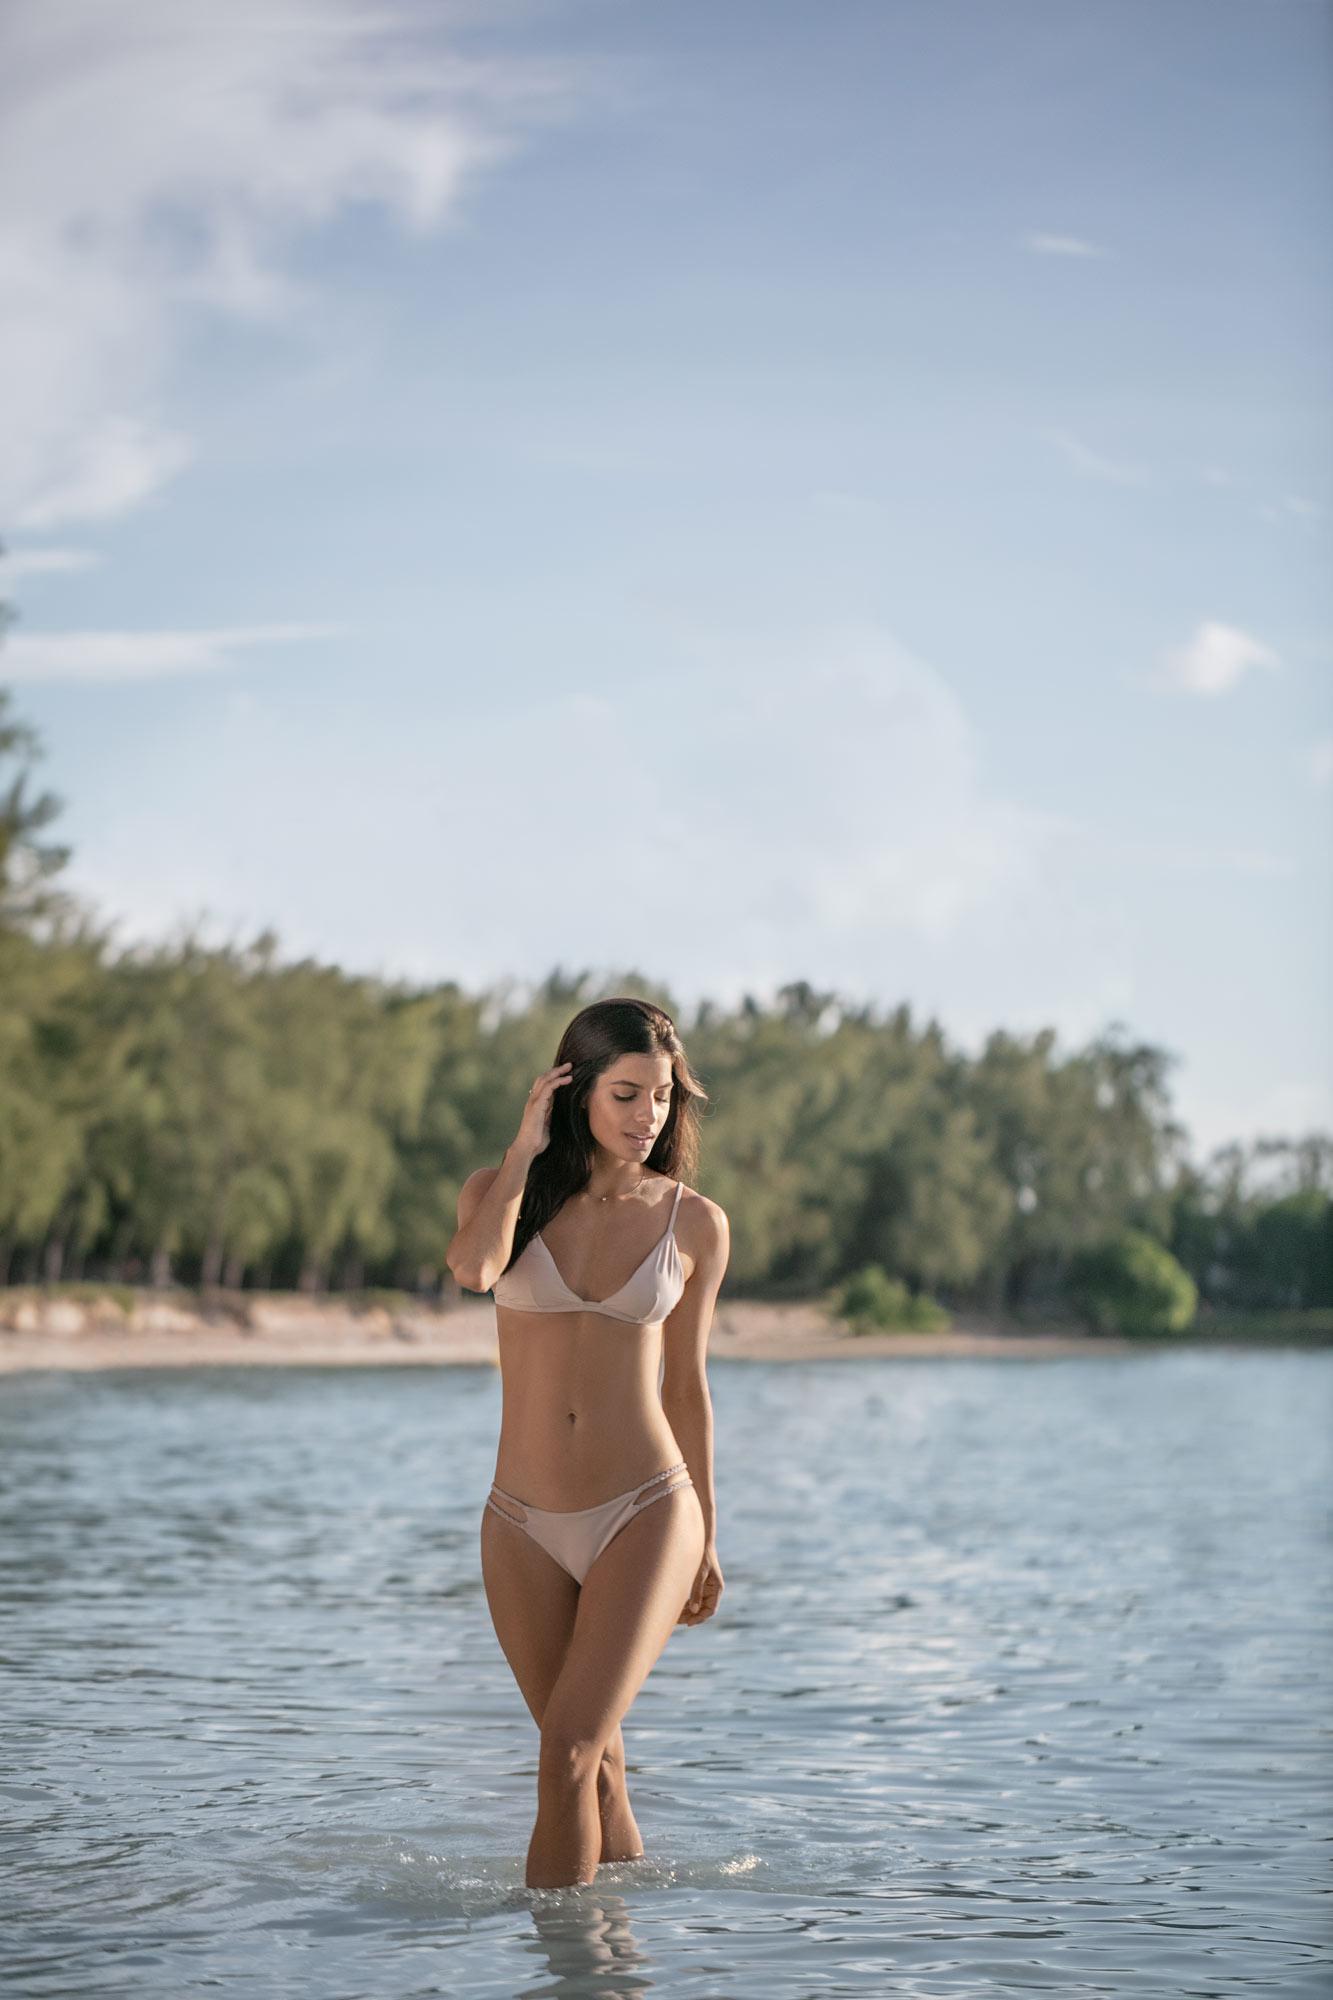 Strand Lifestyle fotografie von Adrian Kilchherr ; Hotel und Resort Fotograf Schweiz Weltweit